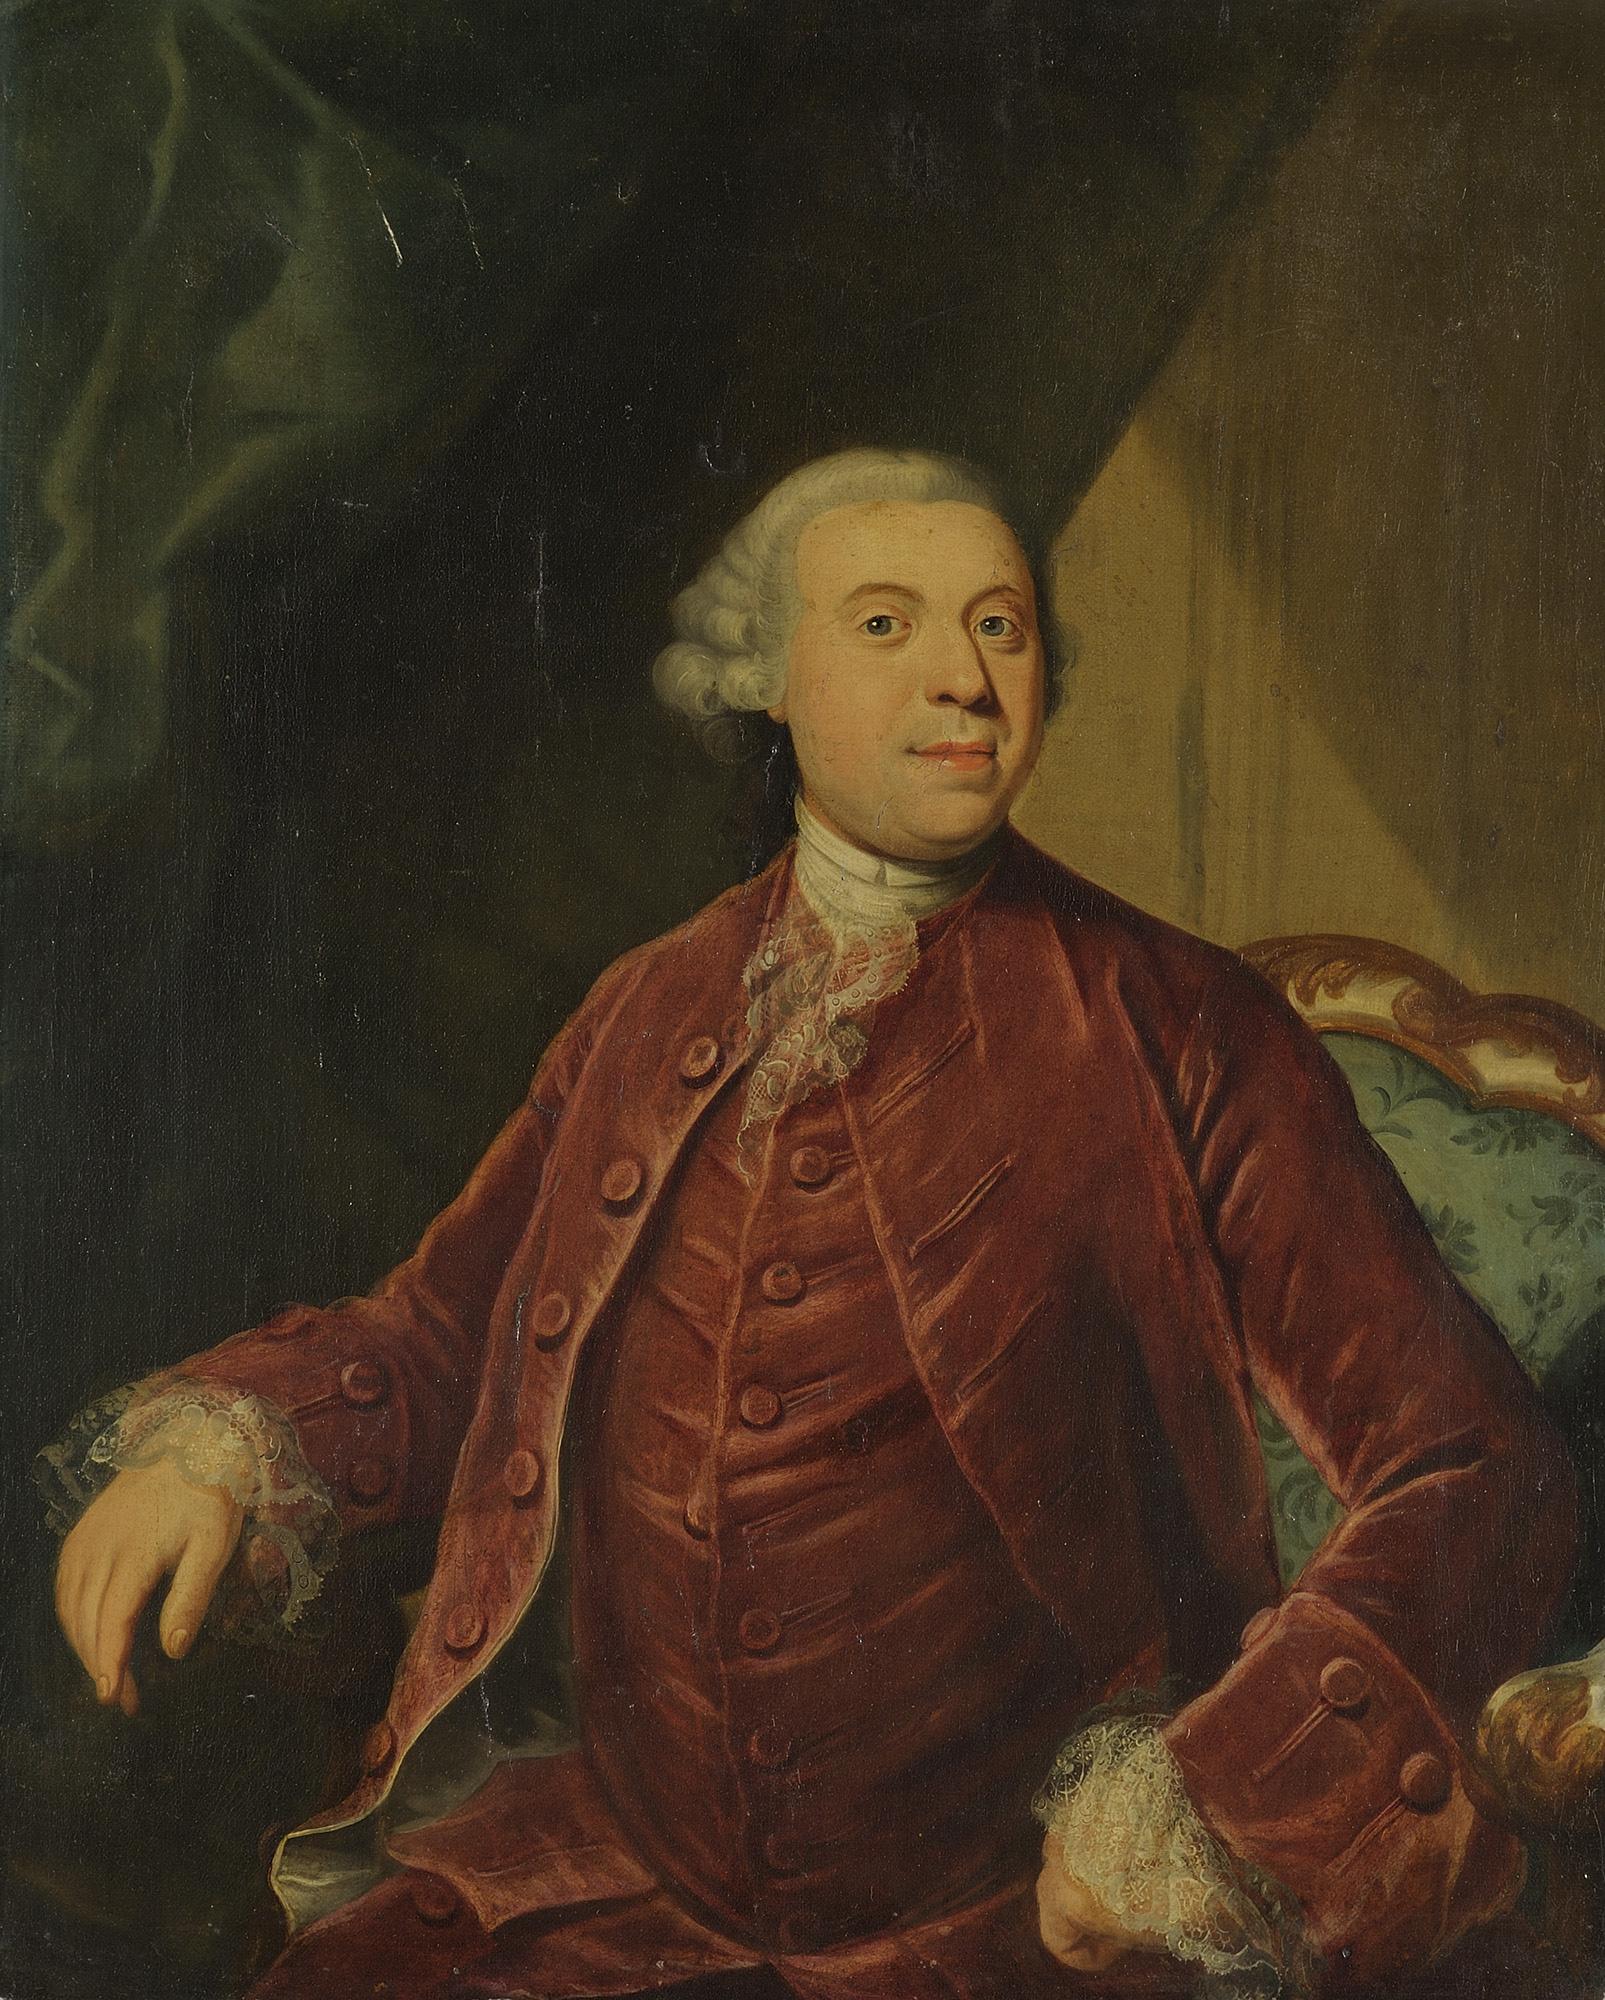 Ritratto di gentiluomo a tre quarti di figura, in marsina rossa